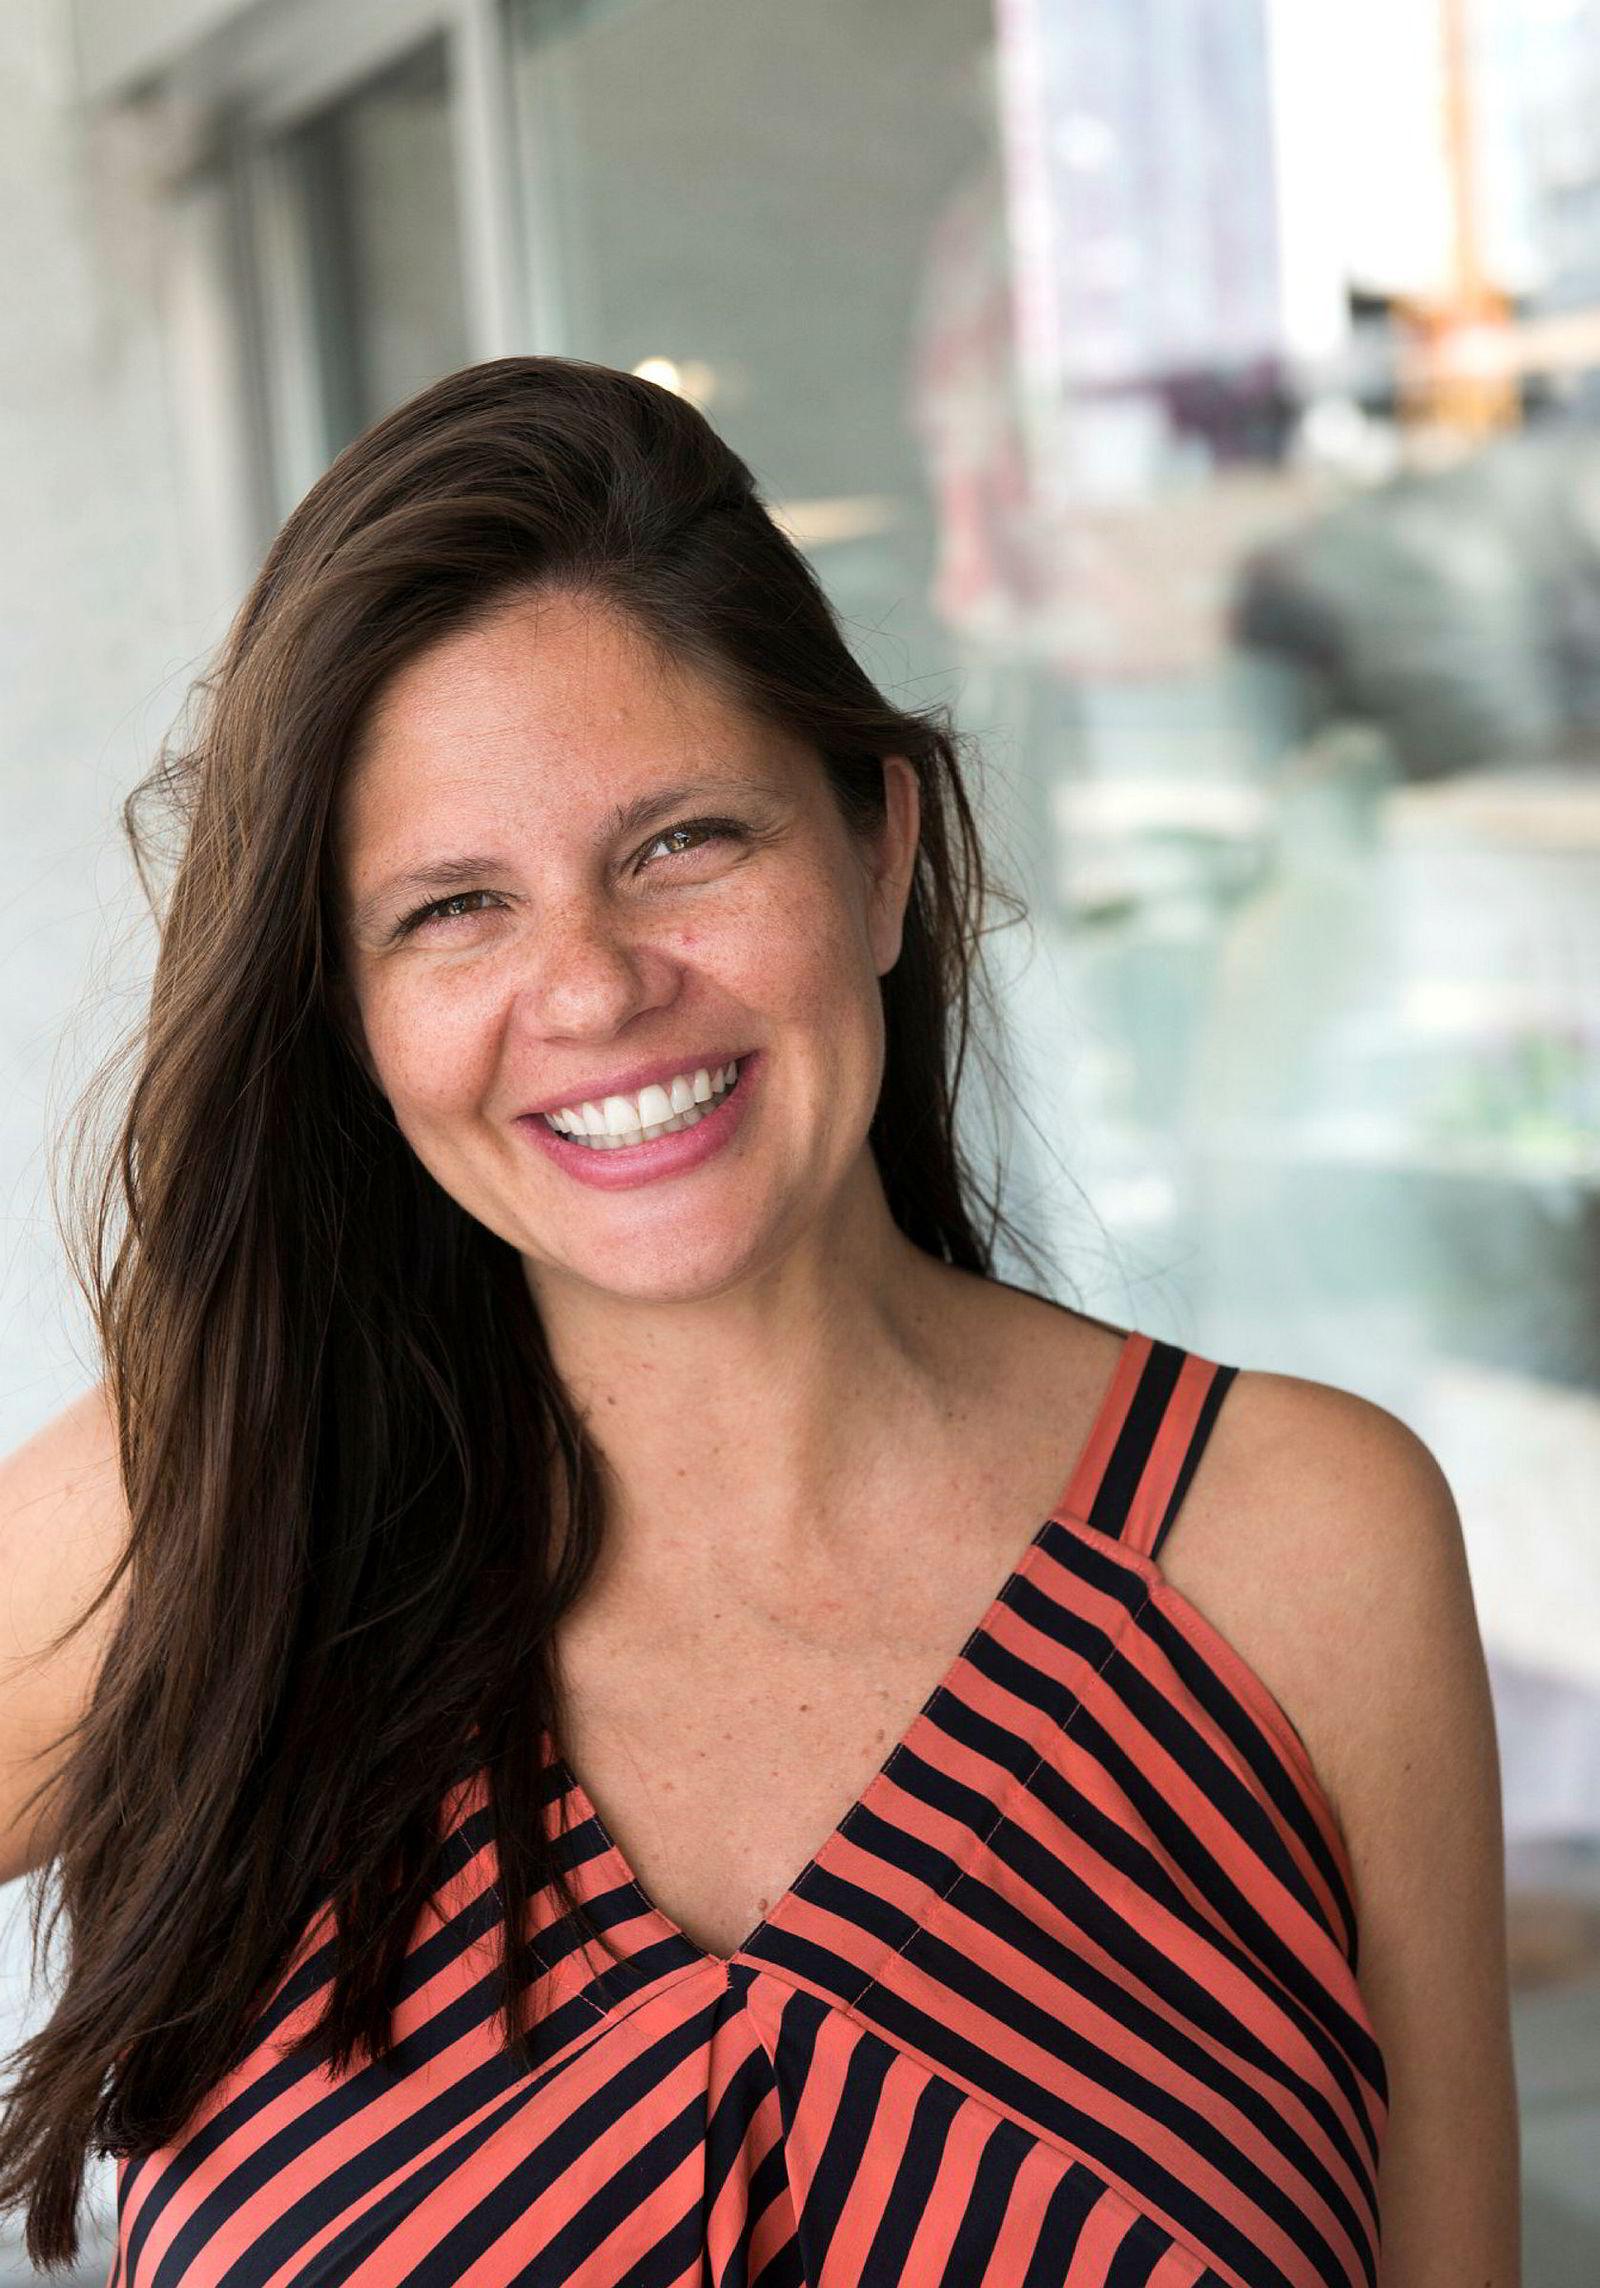 Nadia Martin Wiggen, oljeanalytiker i Pareto.